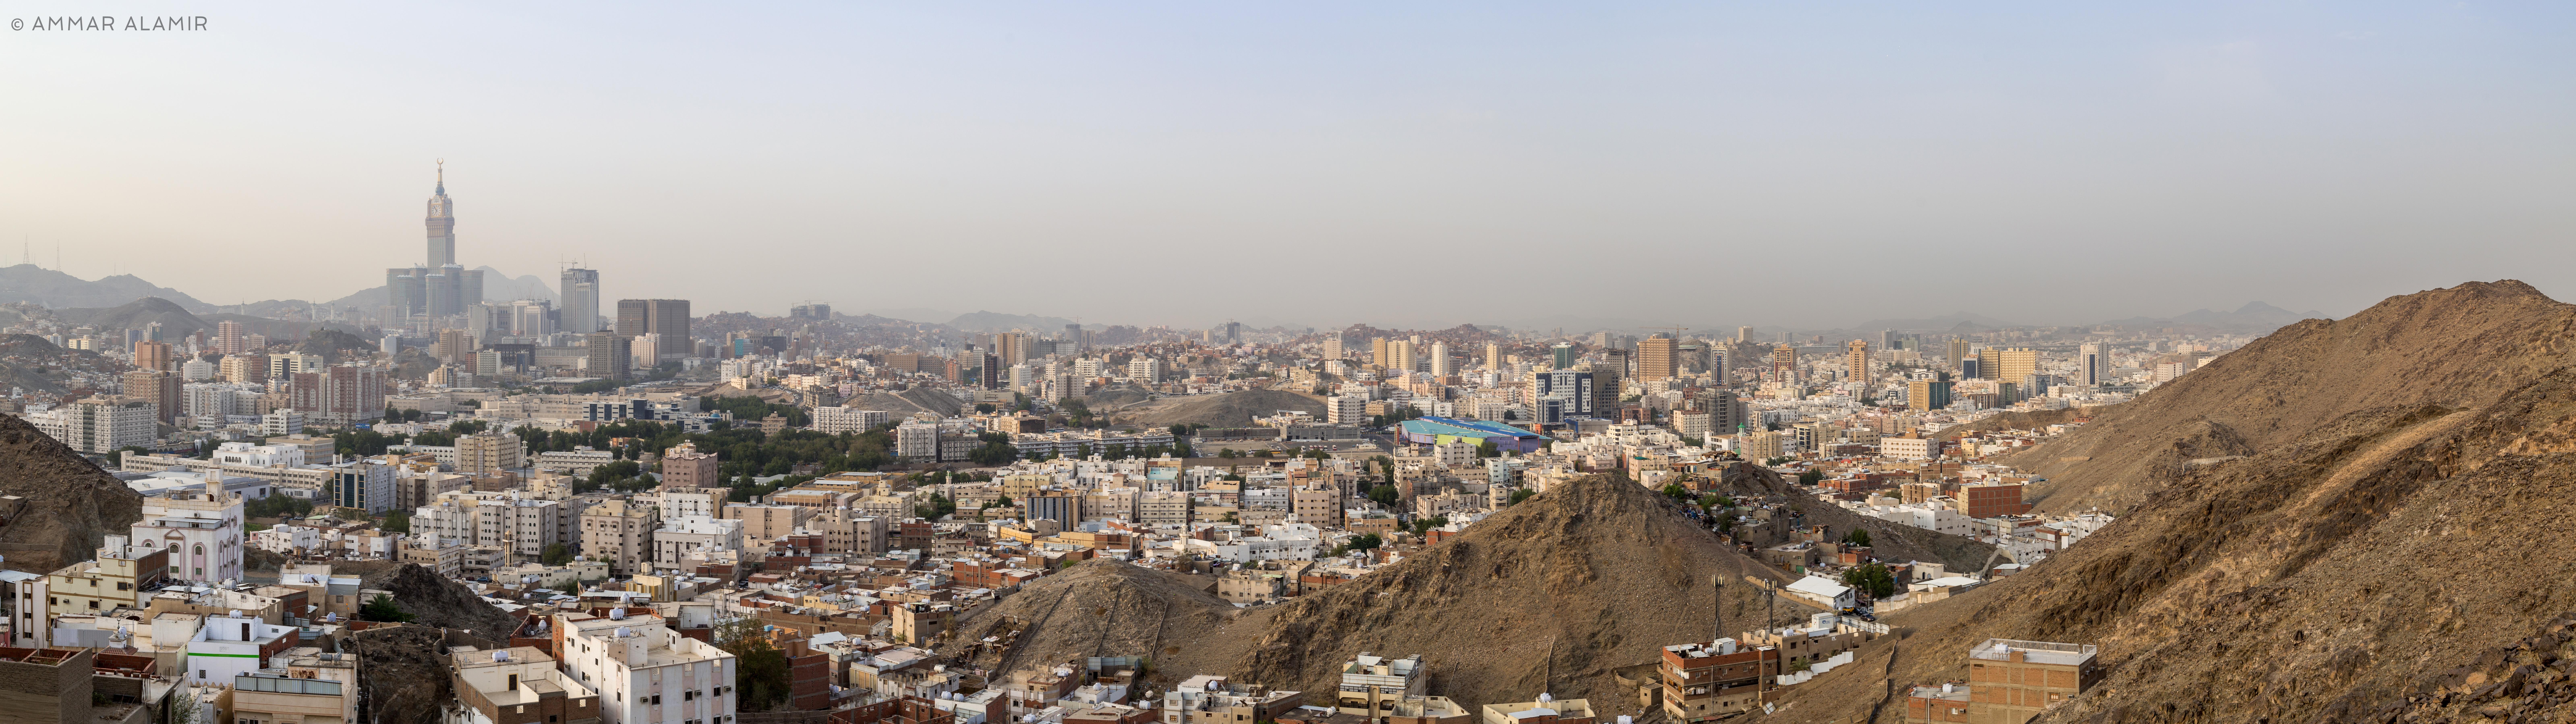 حي الزاهر - حي الشهداء